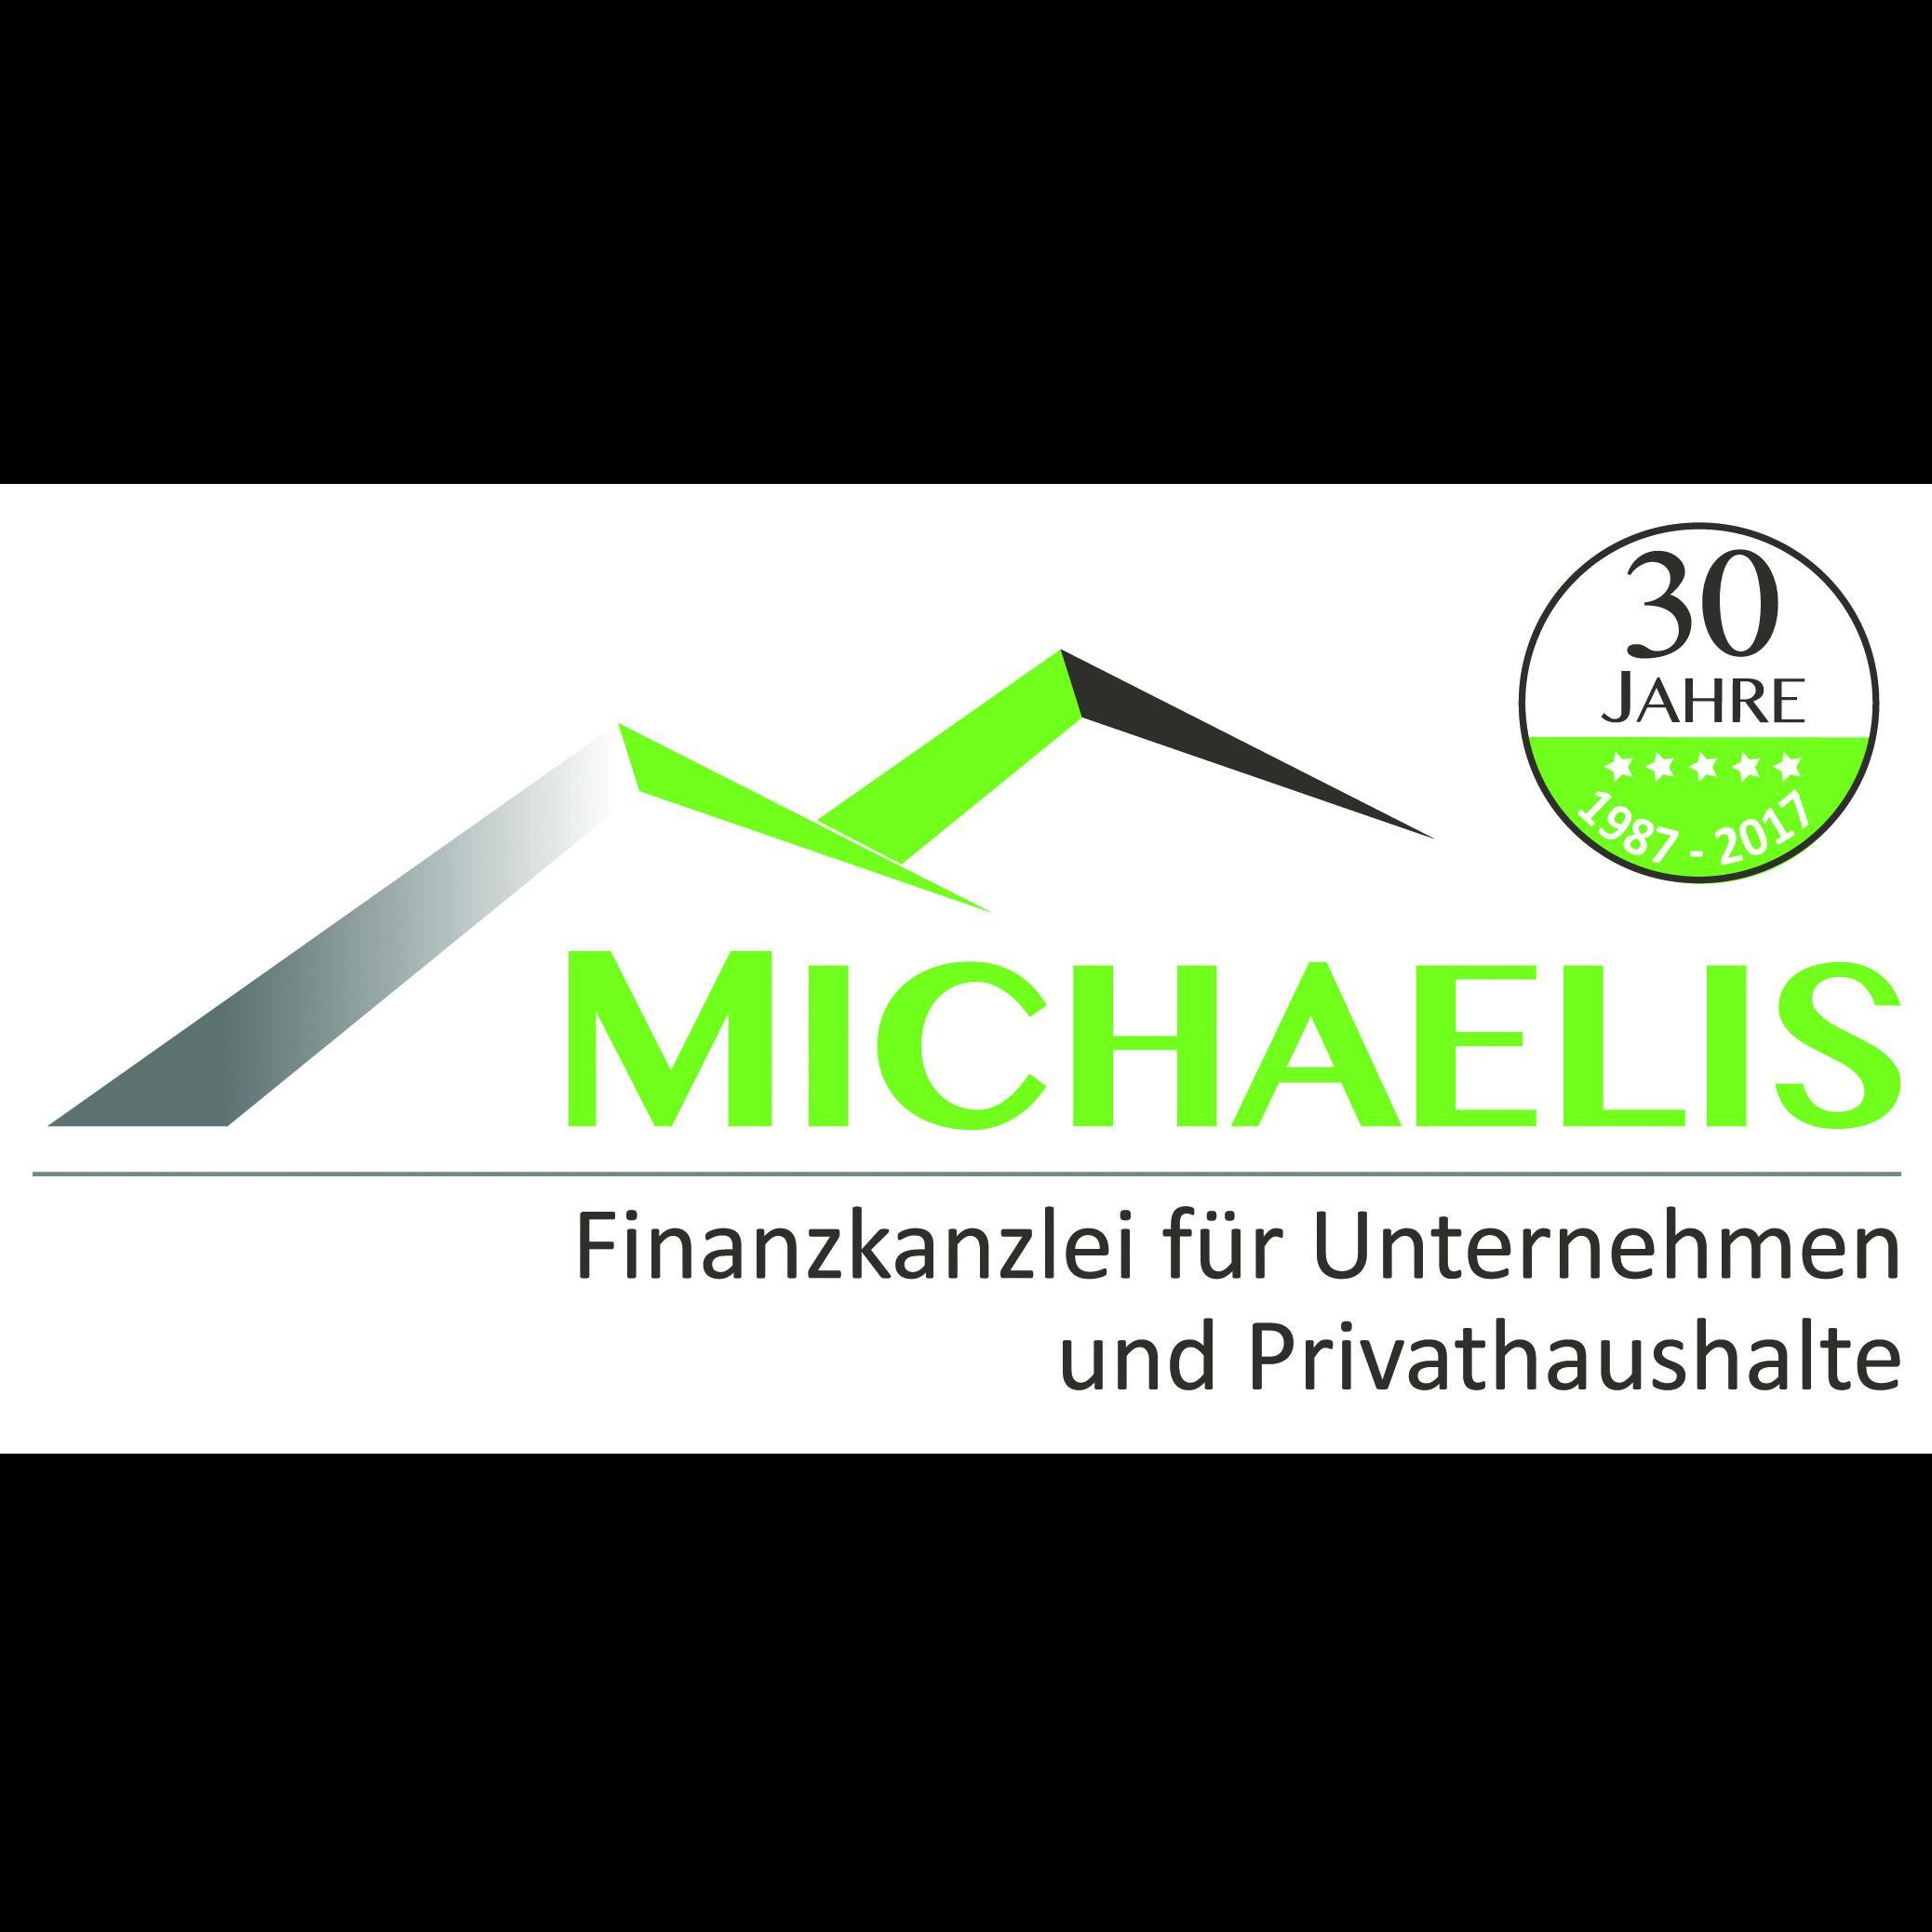 bewertungen zu michaelis finanzkanzlei f r unternehmen und. Black Bedroom Furniture Sets. Home Design Ideas